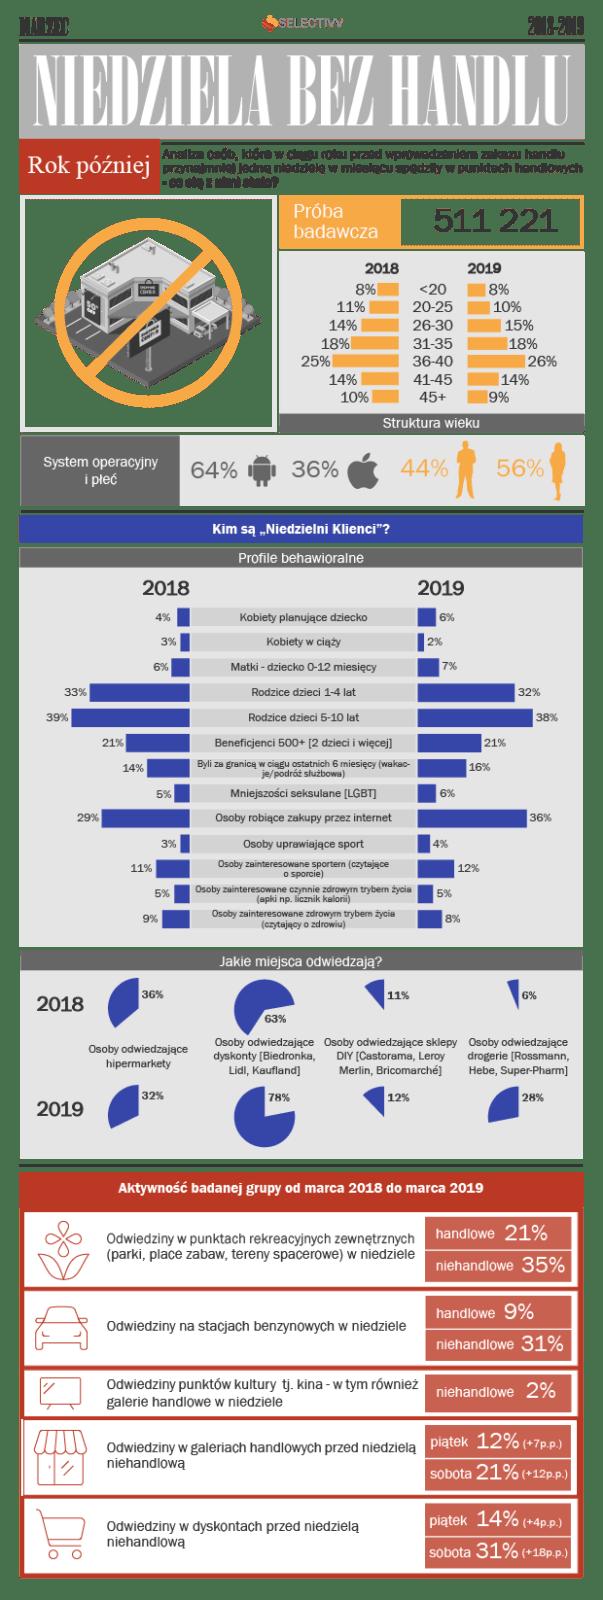 Infografika Selectivv - Niedziela bez handlu - analiza osób, które w ciągu roku przed wprowadzeniem zakazu handlu, przynajmniej jedną niedzielę w miesiącu spędziły w punktach handlowych